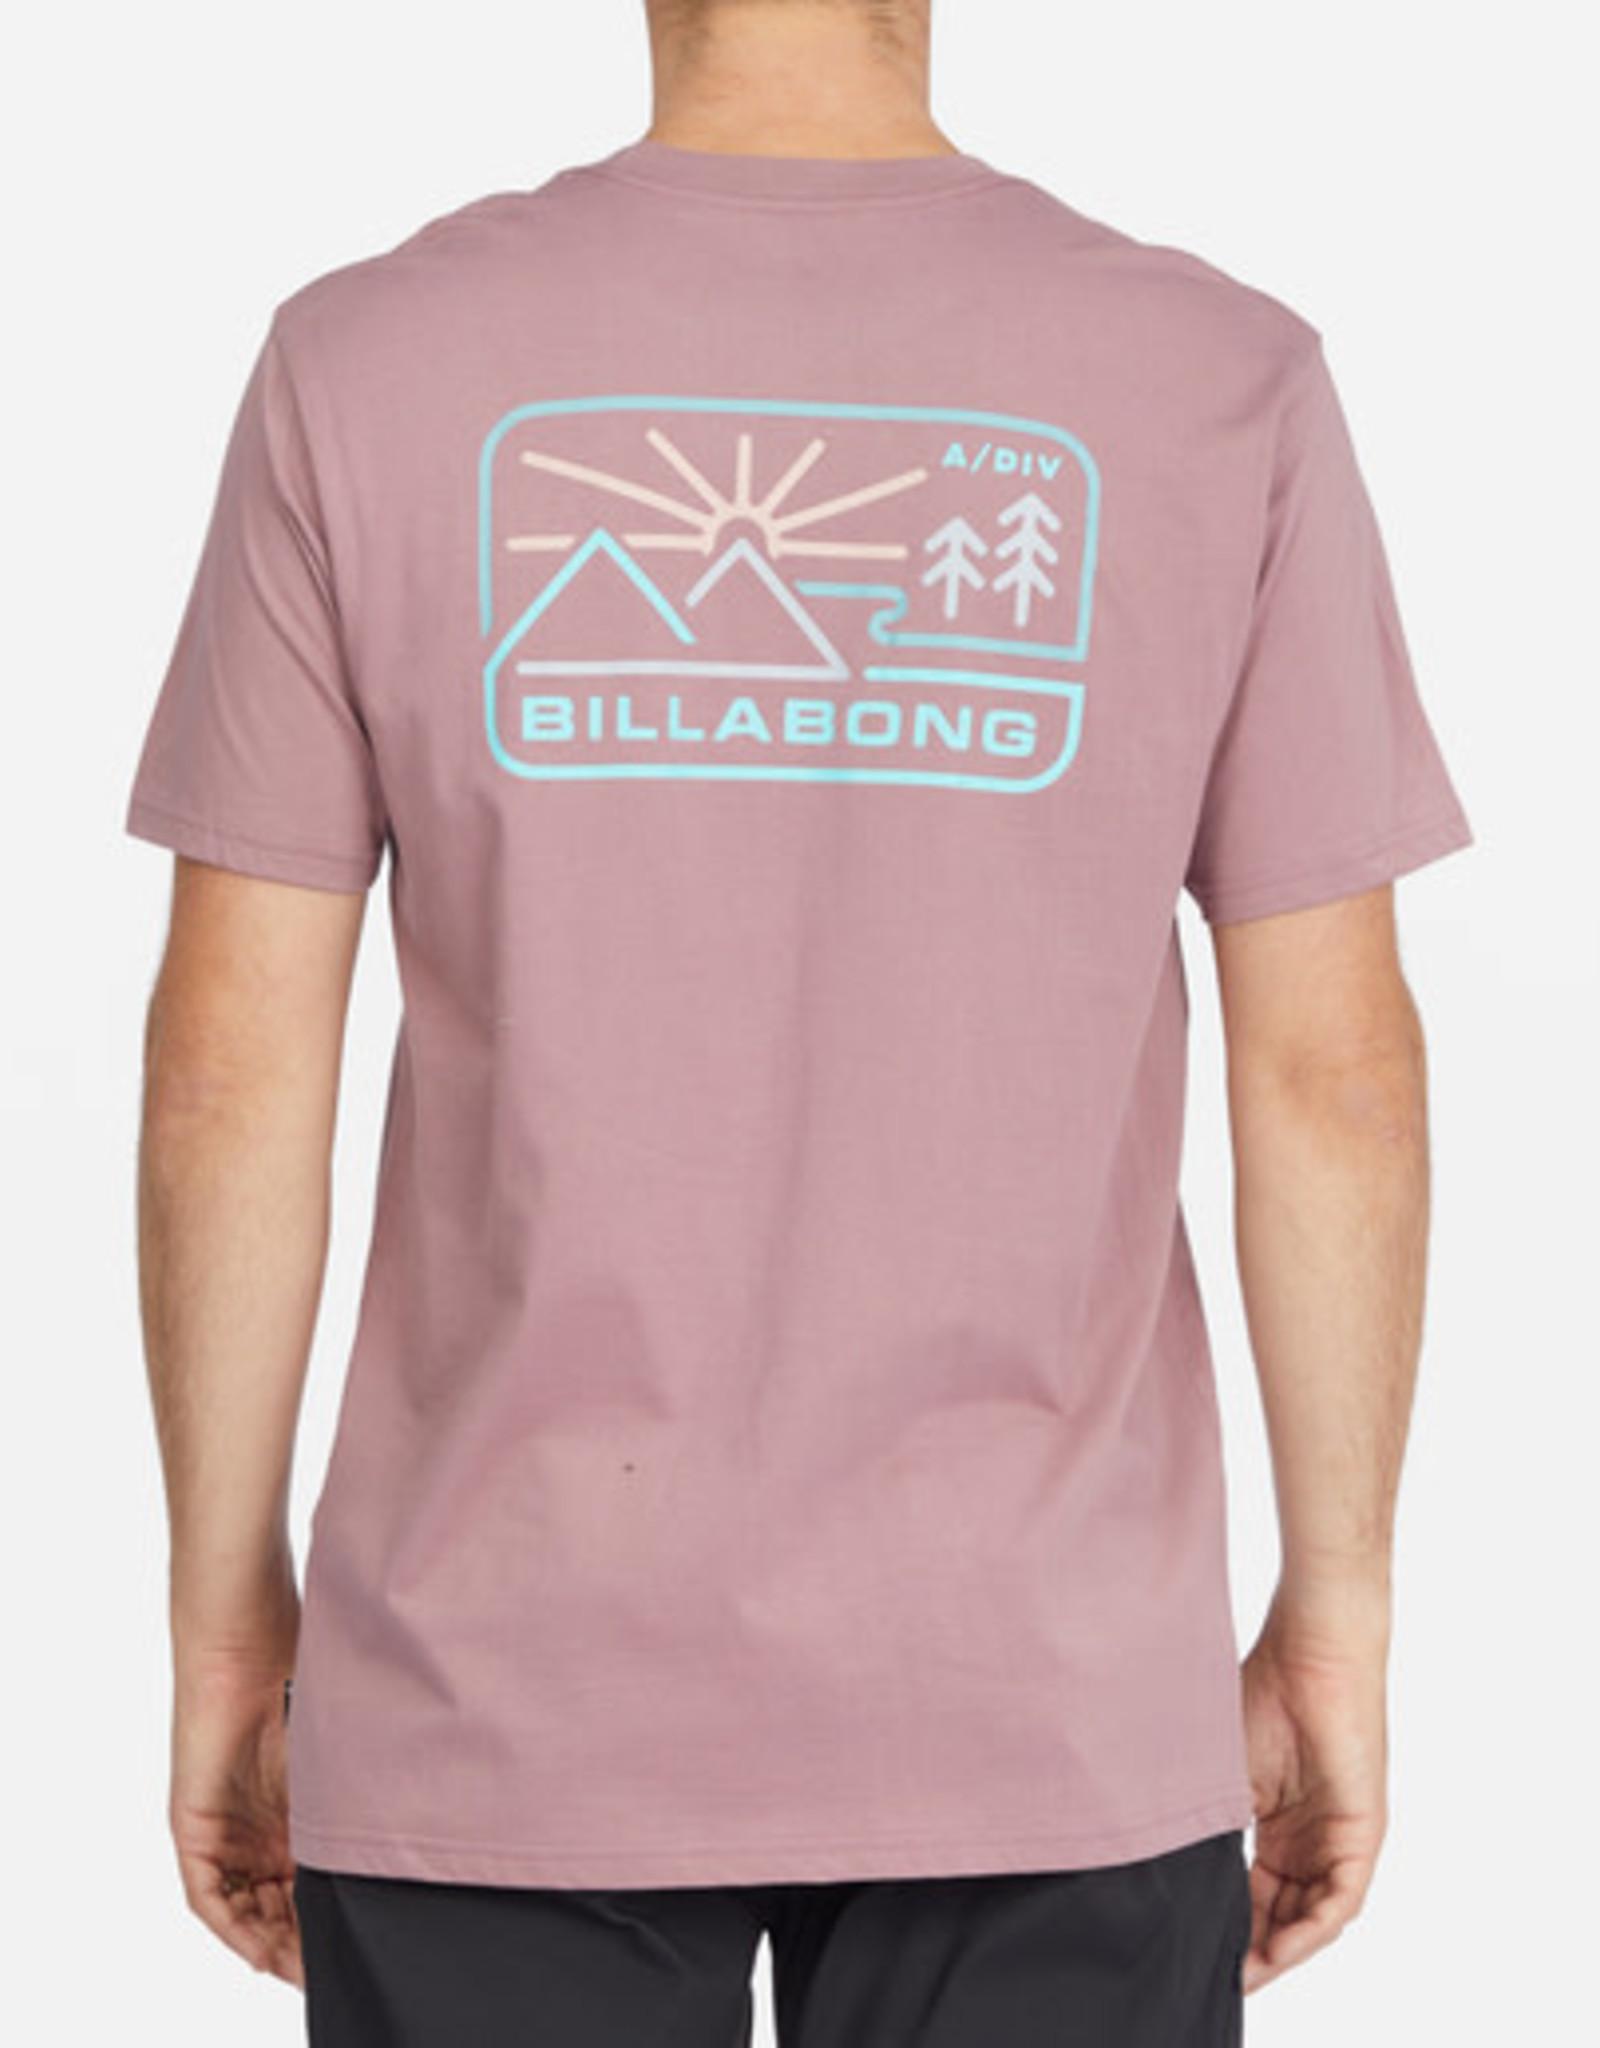 billabong Billabong Landscape S/S Tee ABYZT00676